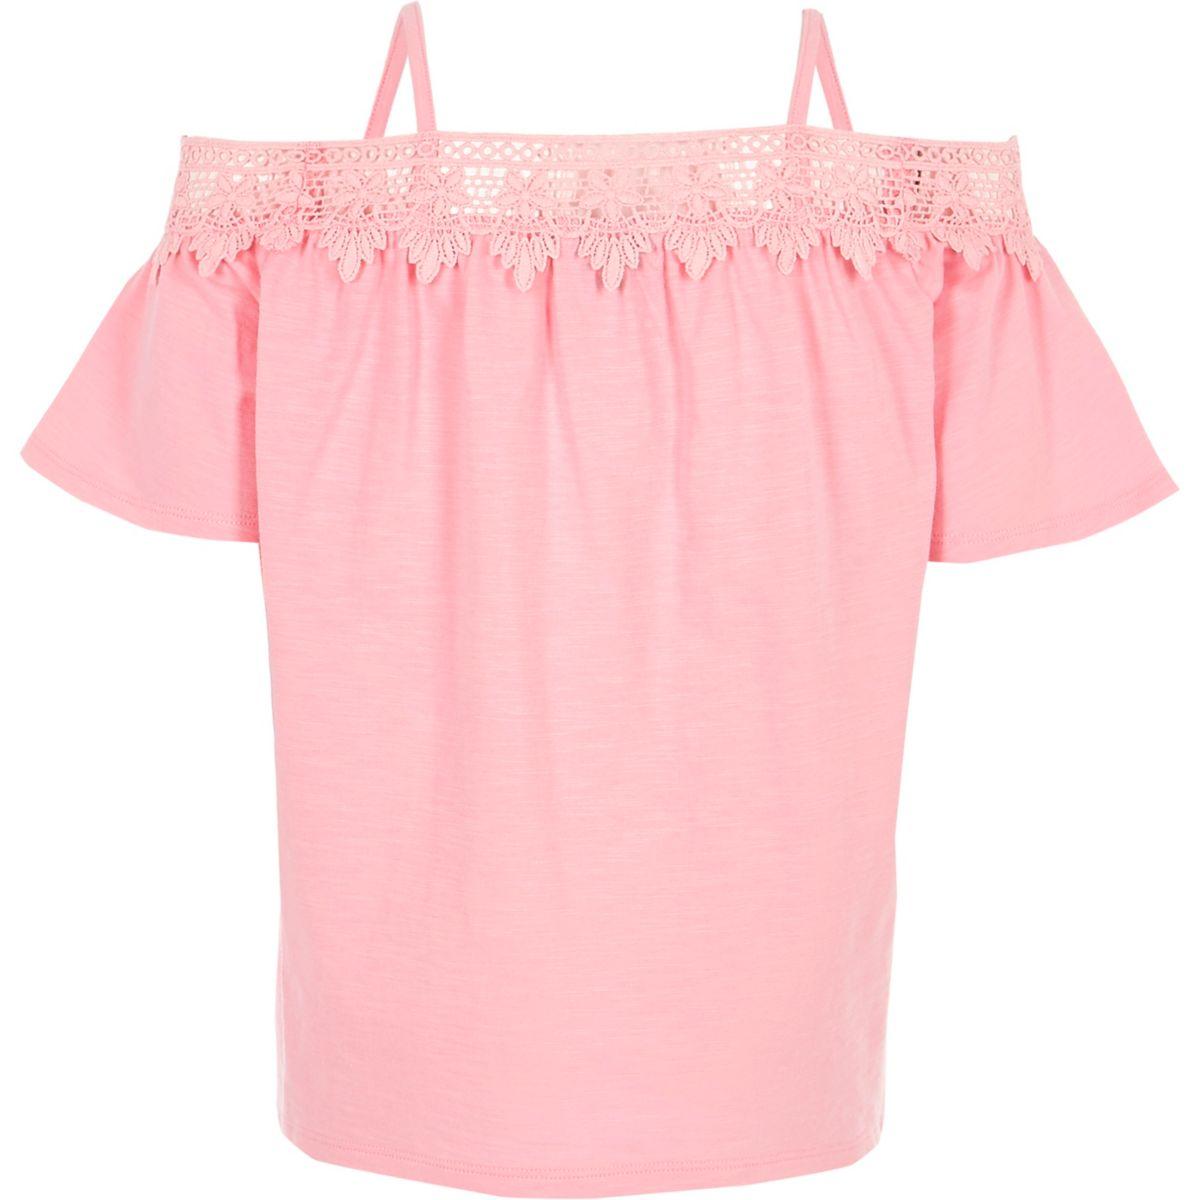 Top Bardot rose avec dentelle au crochet pour fille